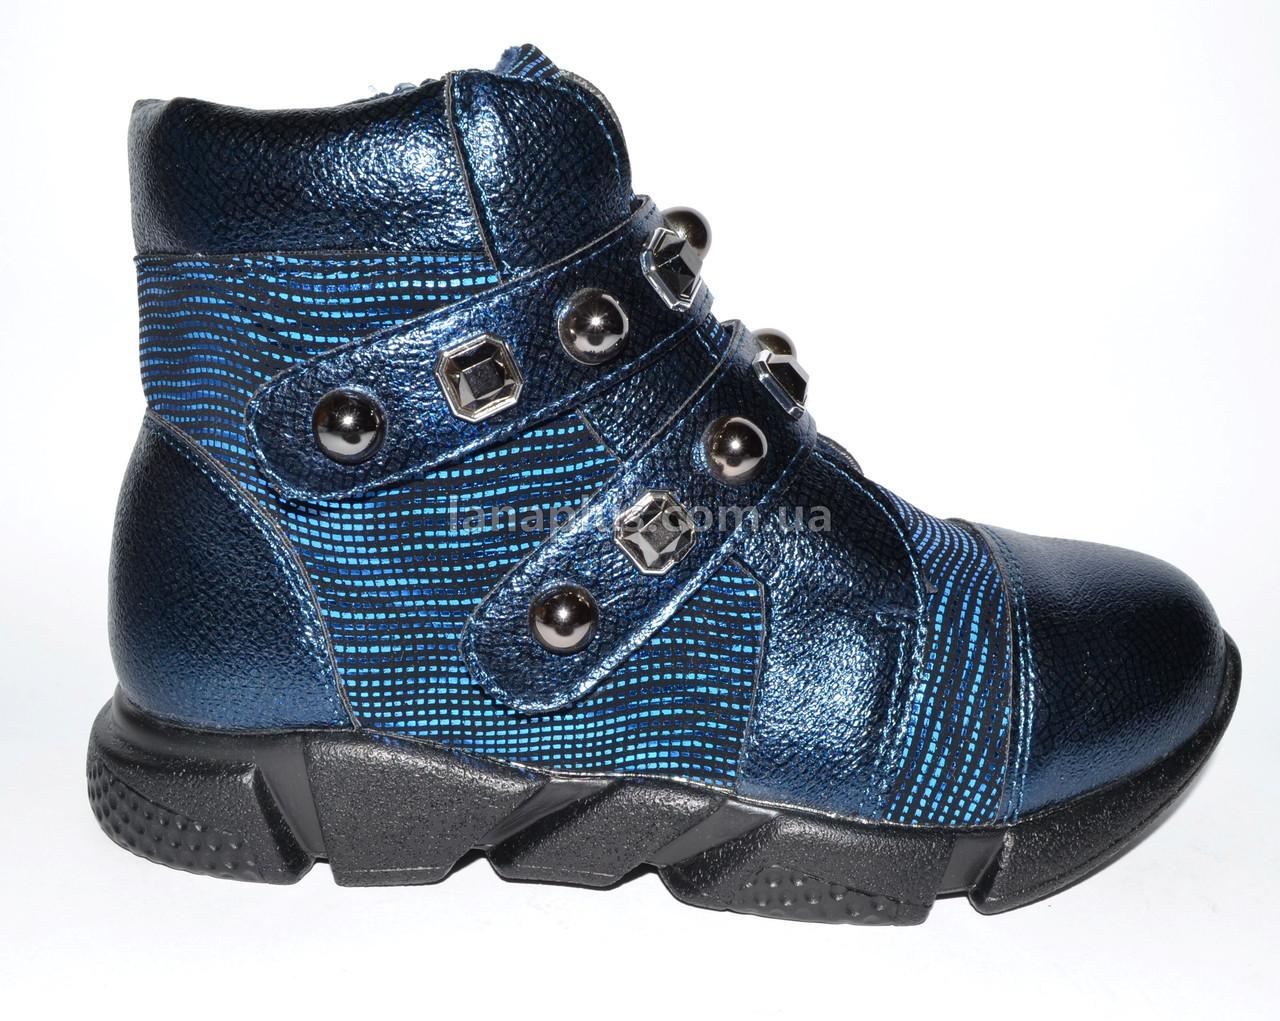 Демисезонные ботинки для девочки, 32 размер (20 см), на флисе